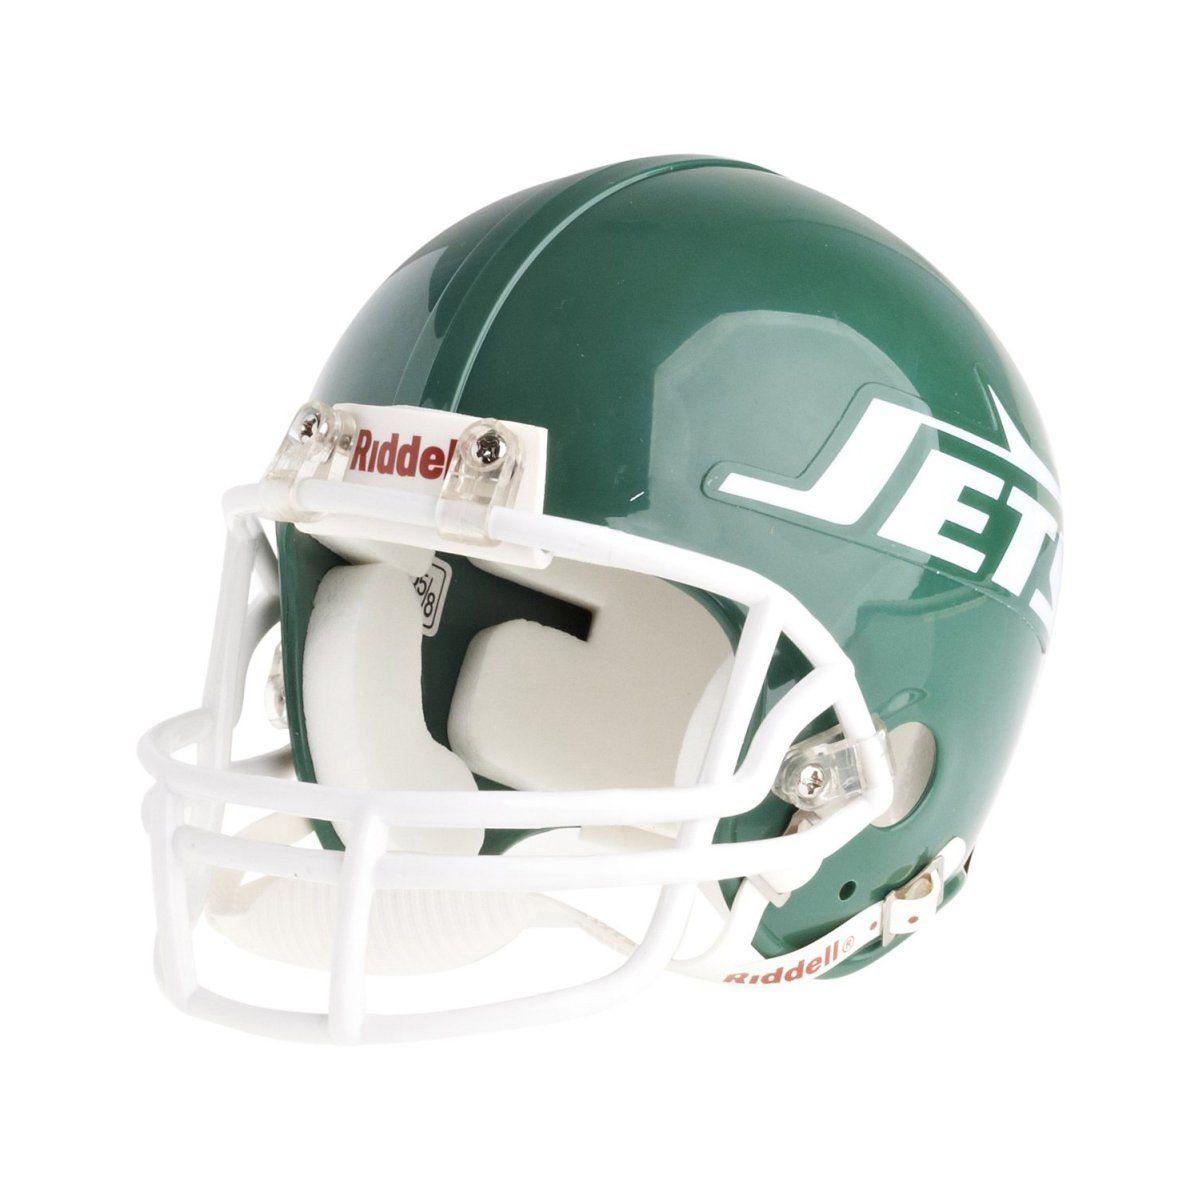 amfoo - Riddell VSR4 Mini Football Helm - NFL New York Jets 1978-89